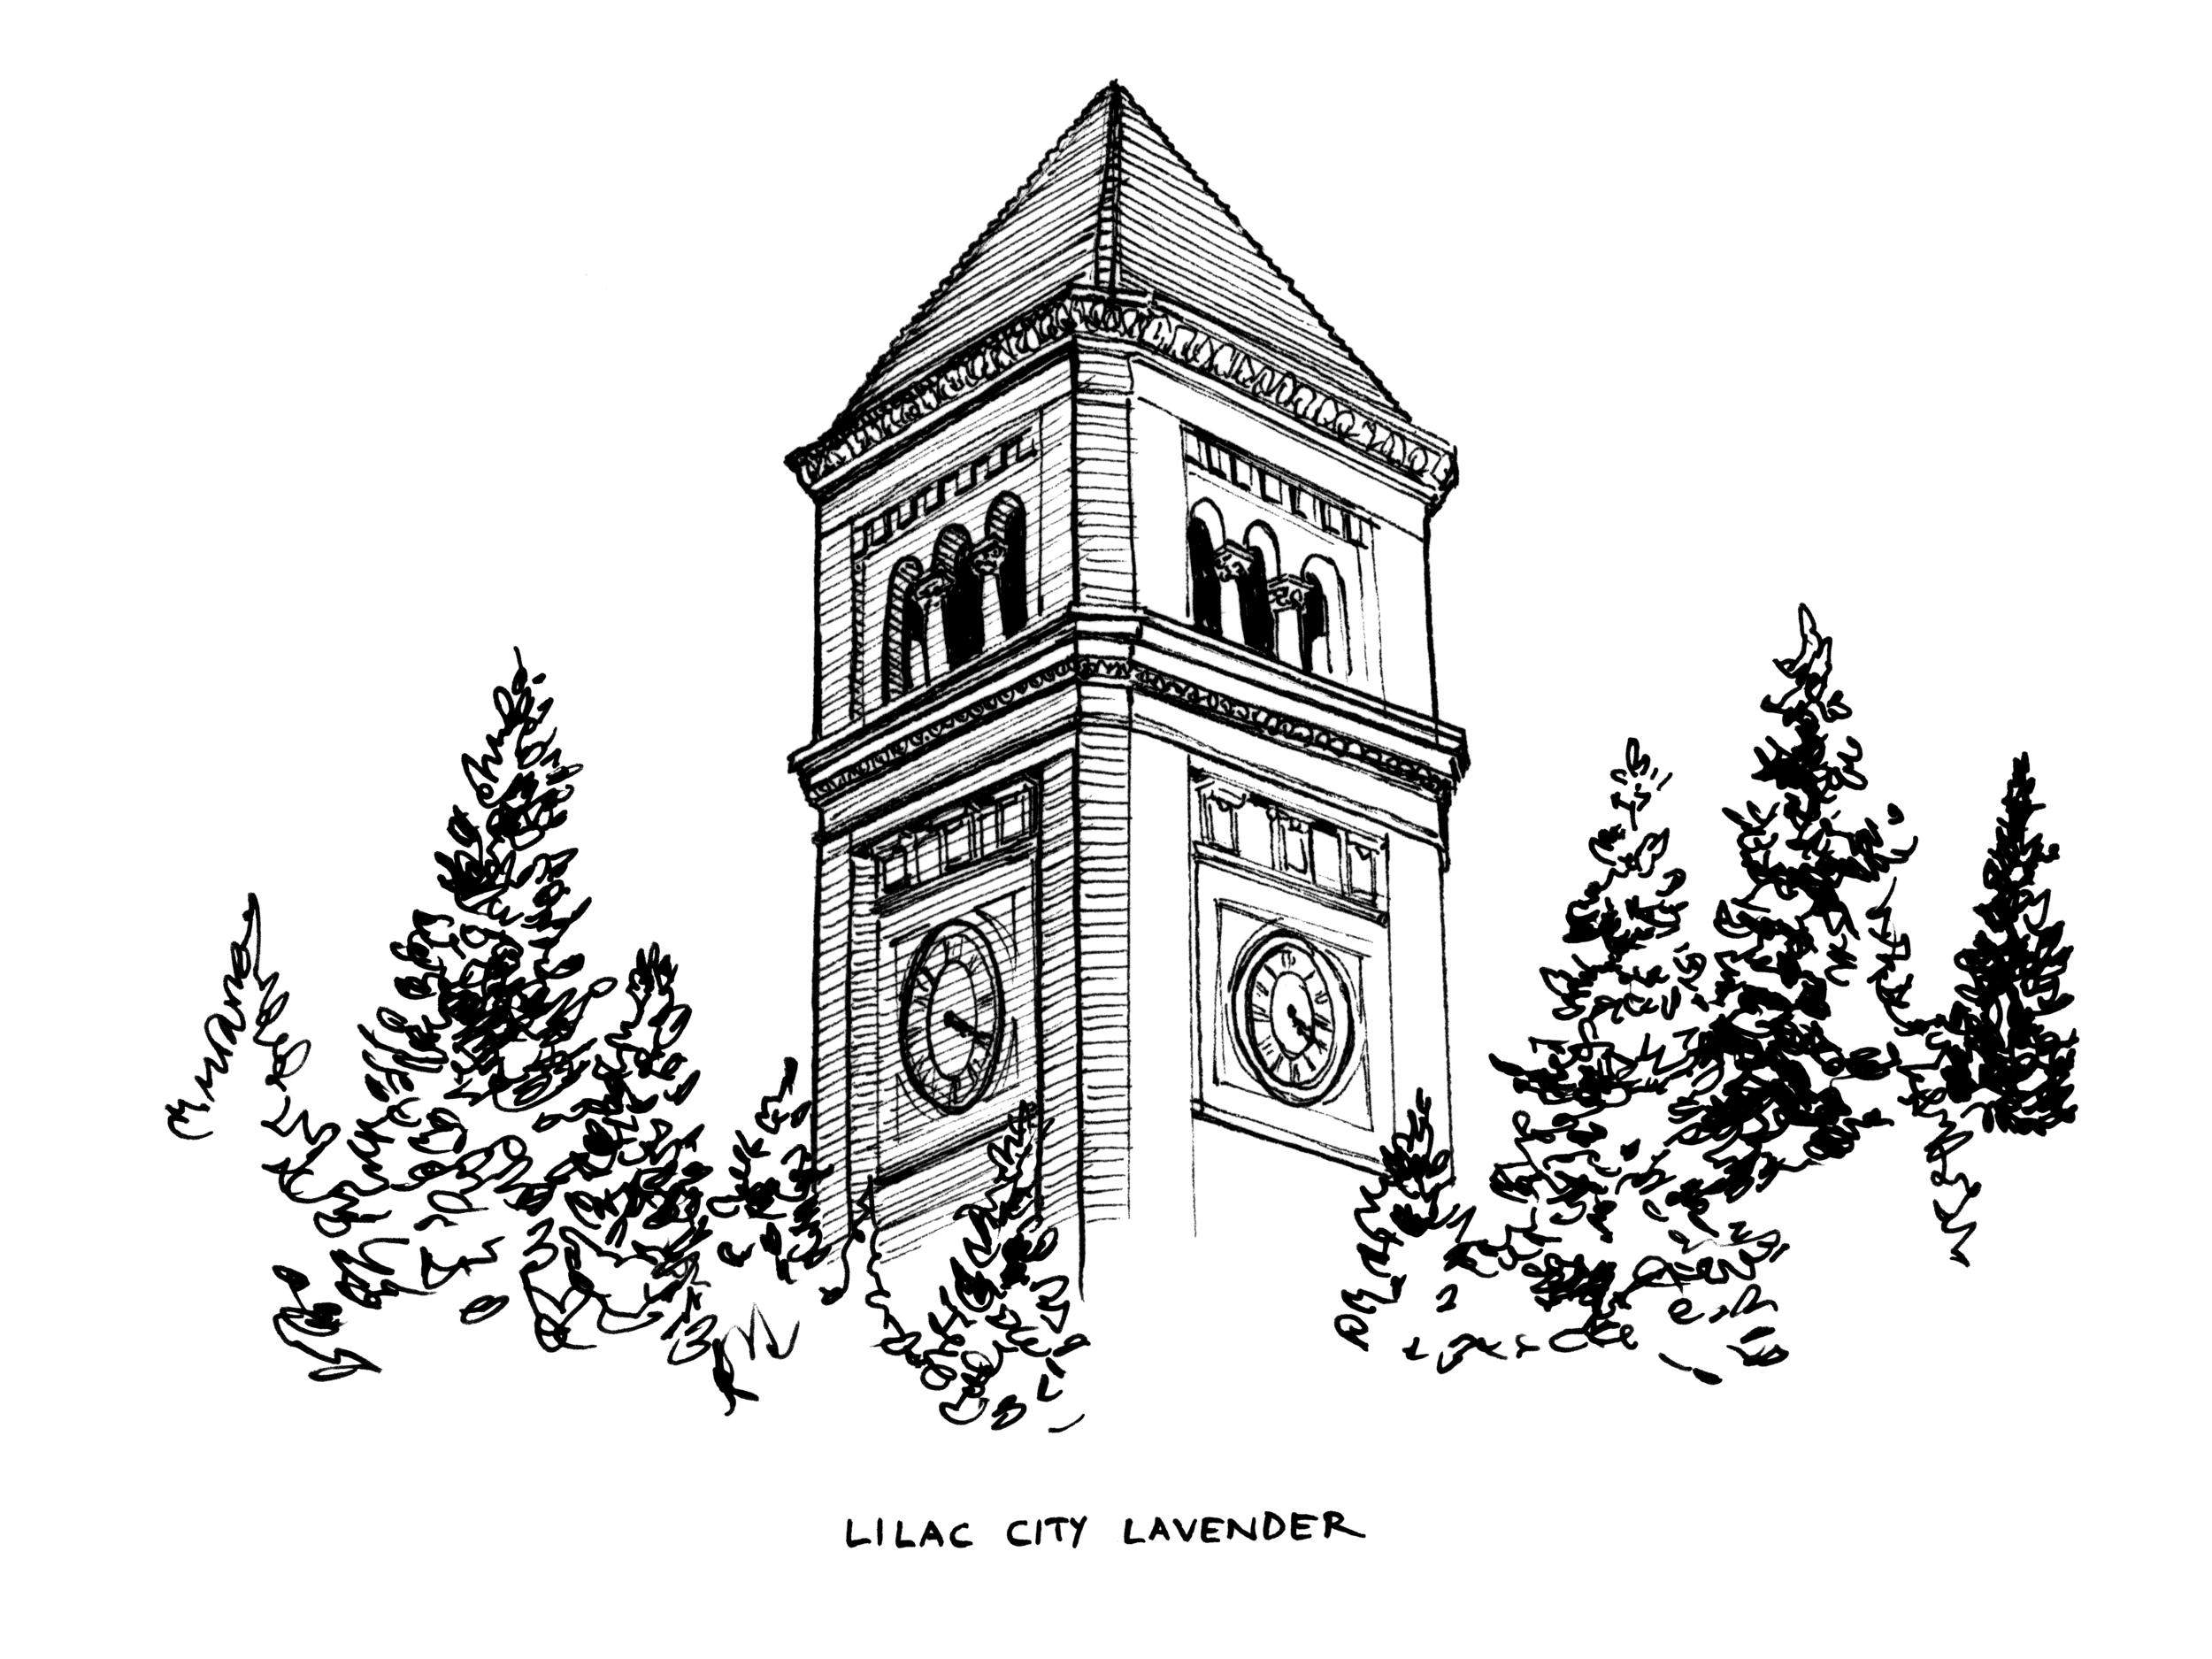 Lilac City Lavender